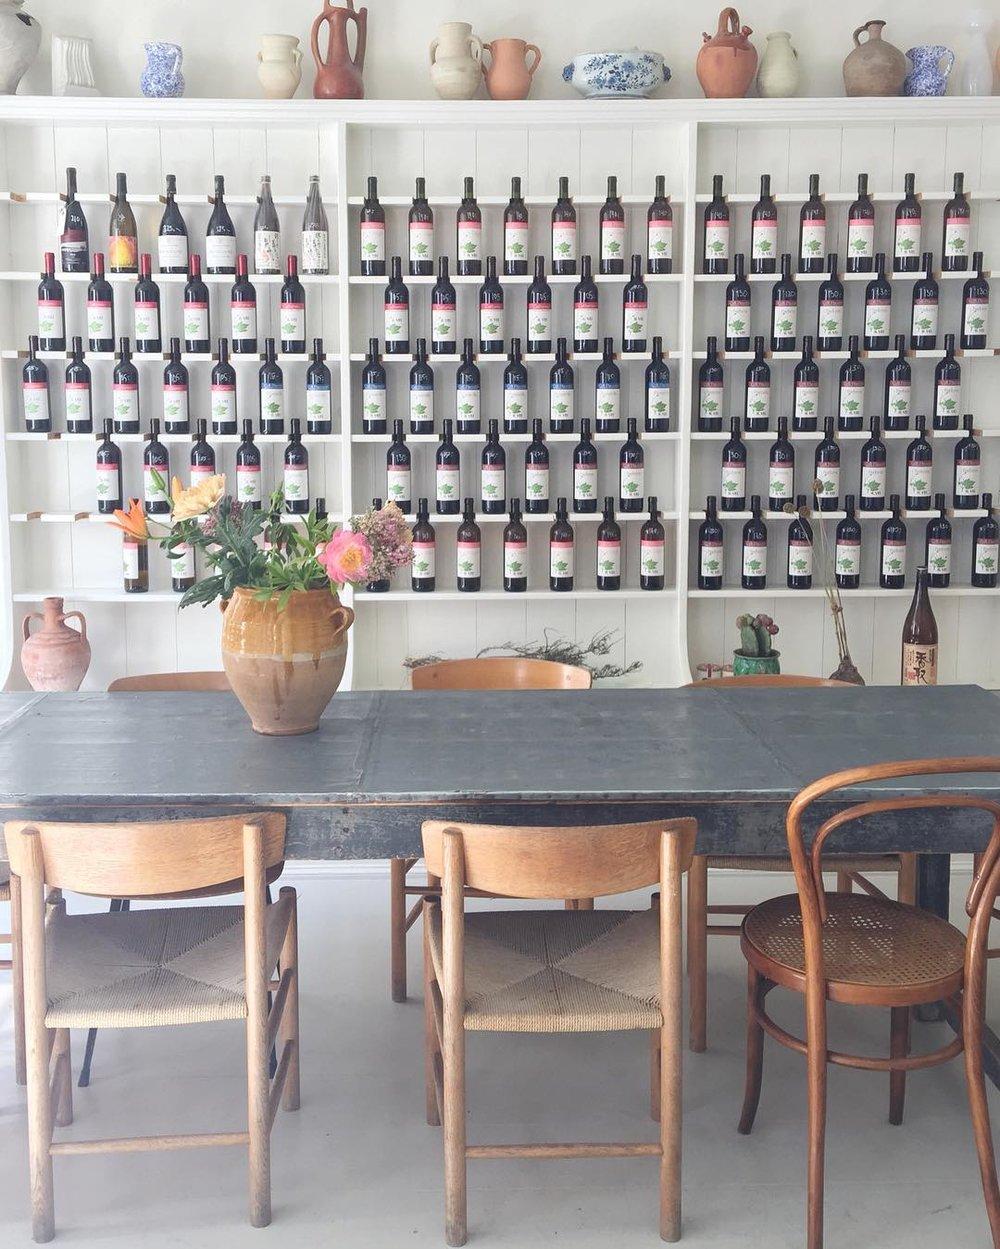 公式インスタグラム @atelierseptember より。 ボトルが並んだ棚もとってもキュート!